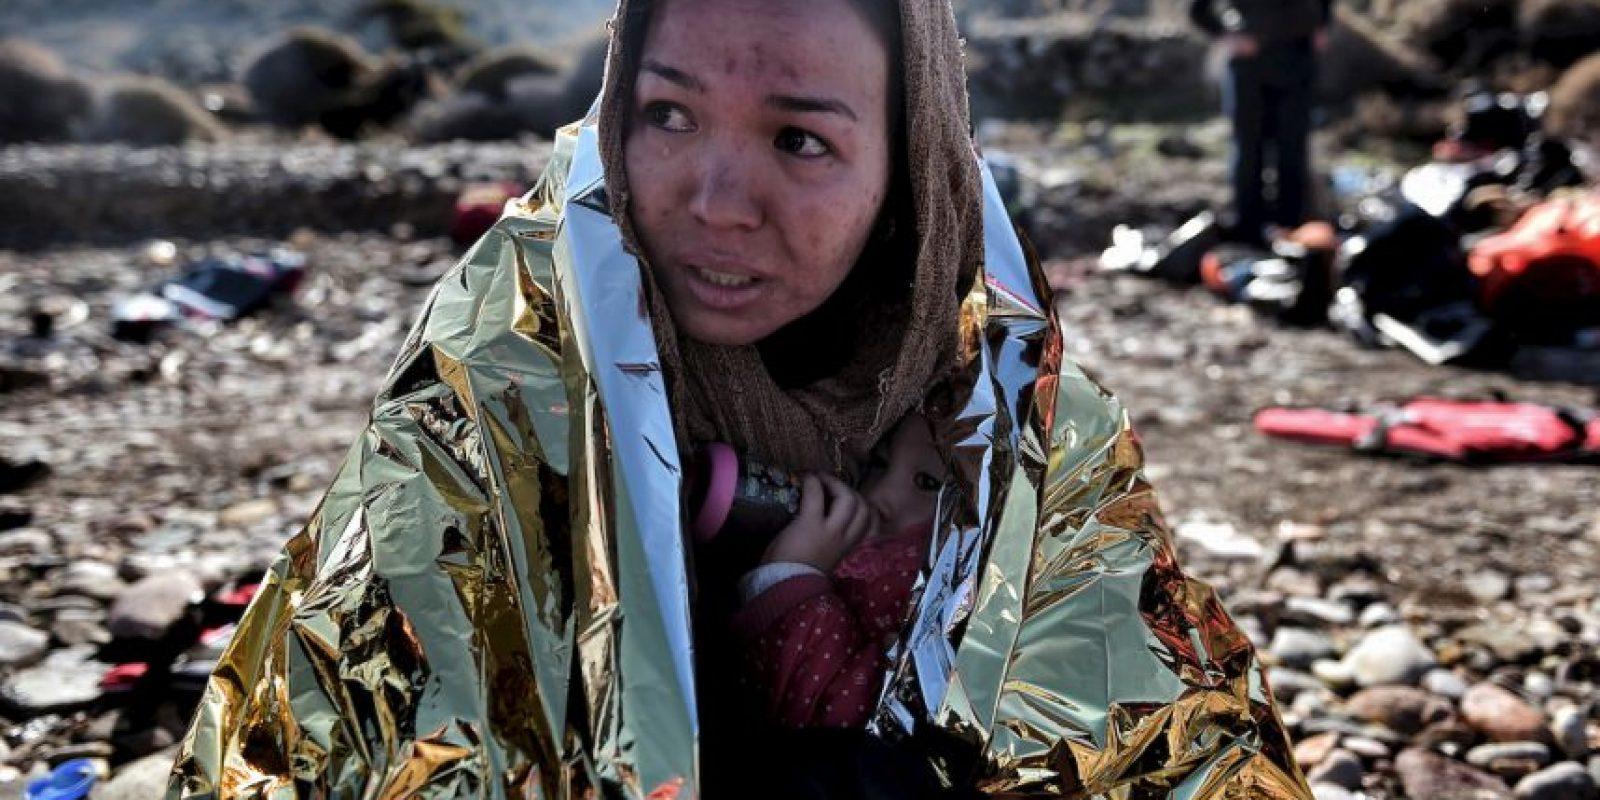 Refugiada protege a su hijo en una manta termanl a su llegada a Lesbos. Foto:AFP